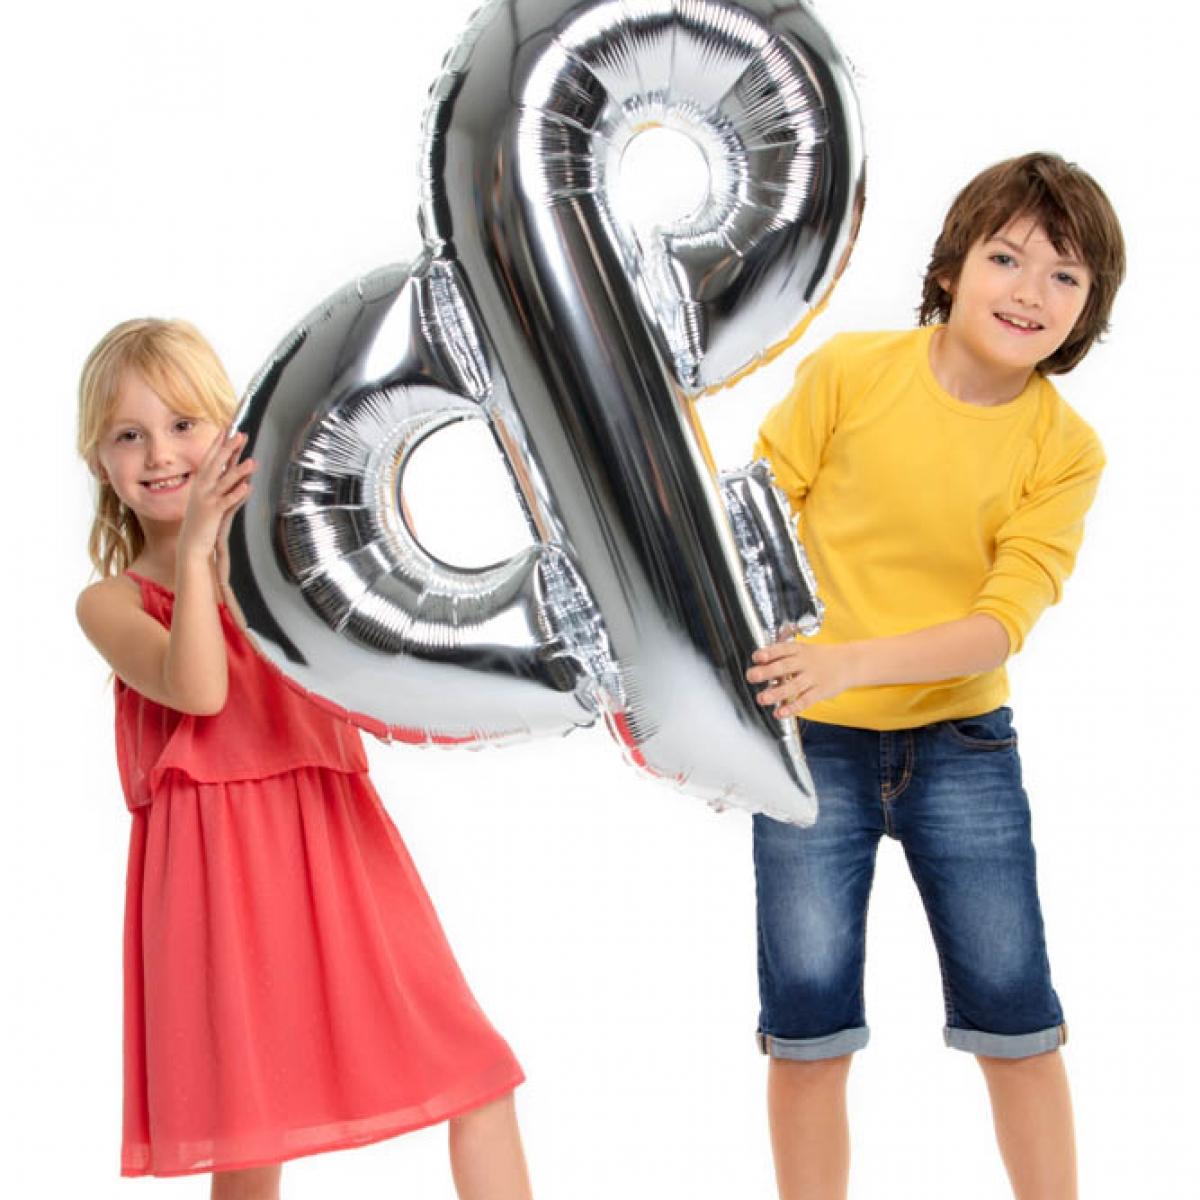 #BOYSANDGIRLS Des coiffures et des looks cools & tendances pour vos enfants chez Coiff&Co !